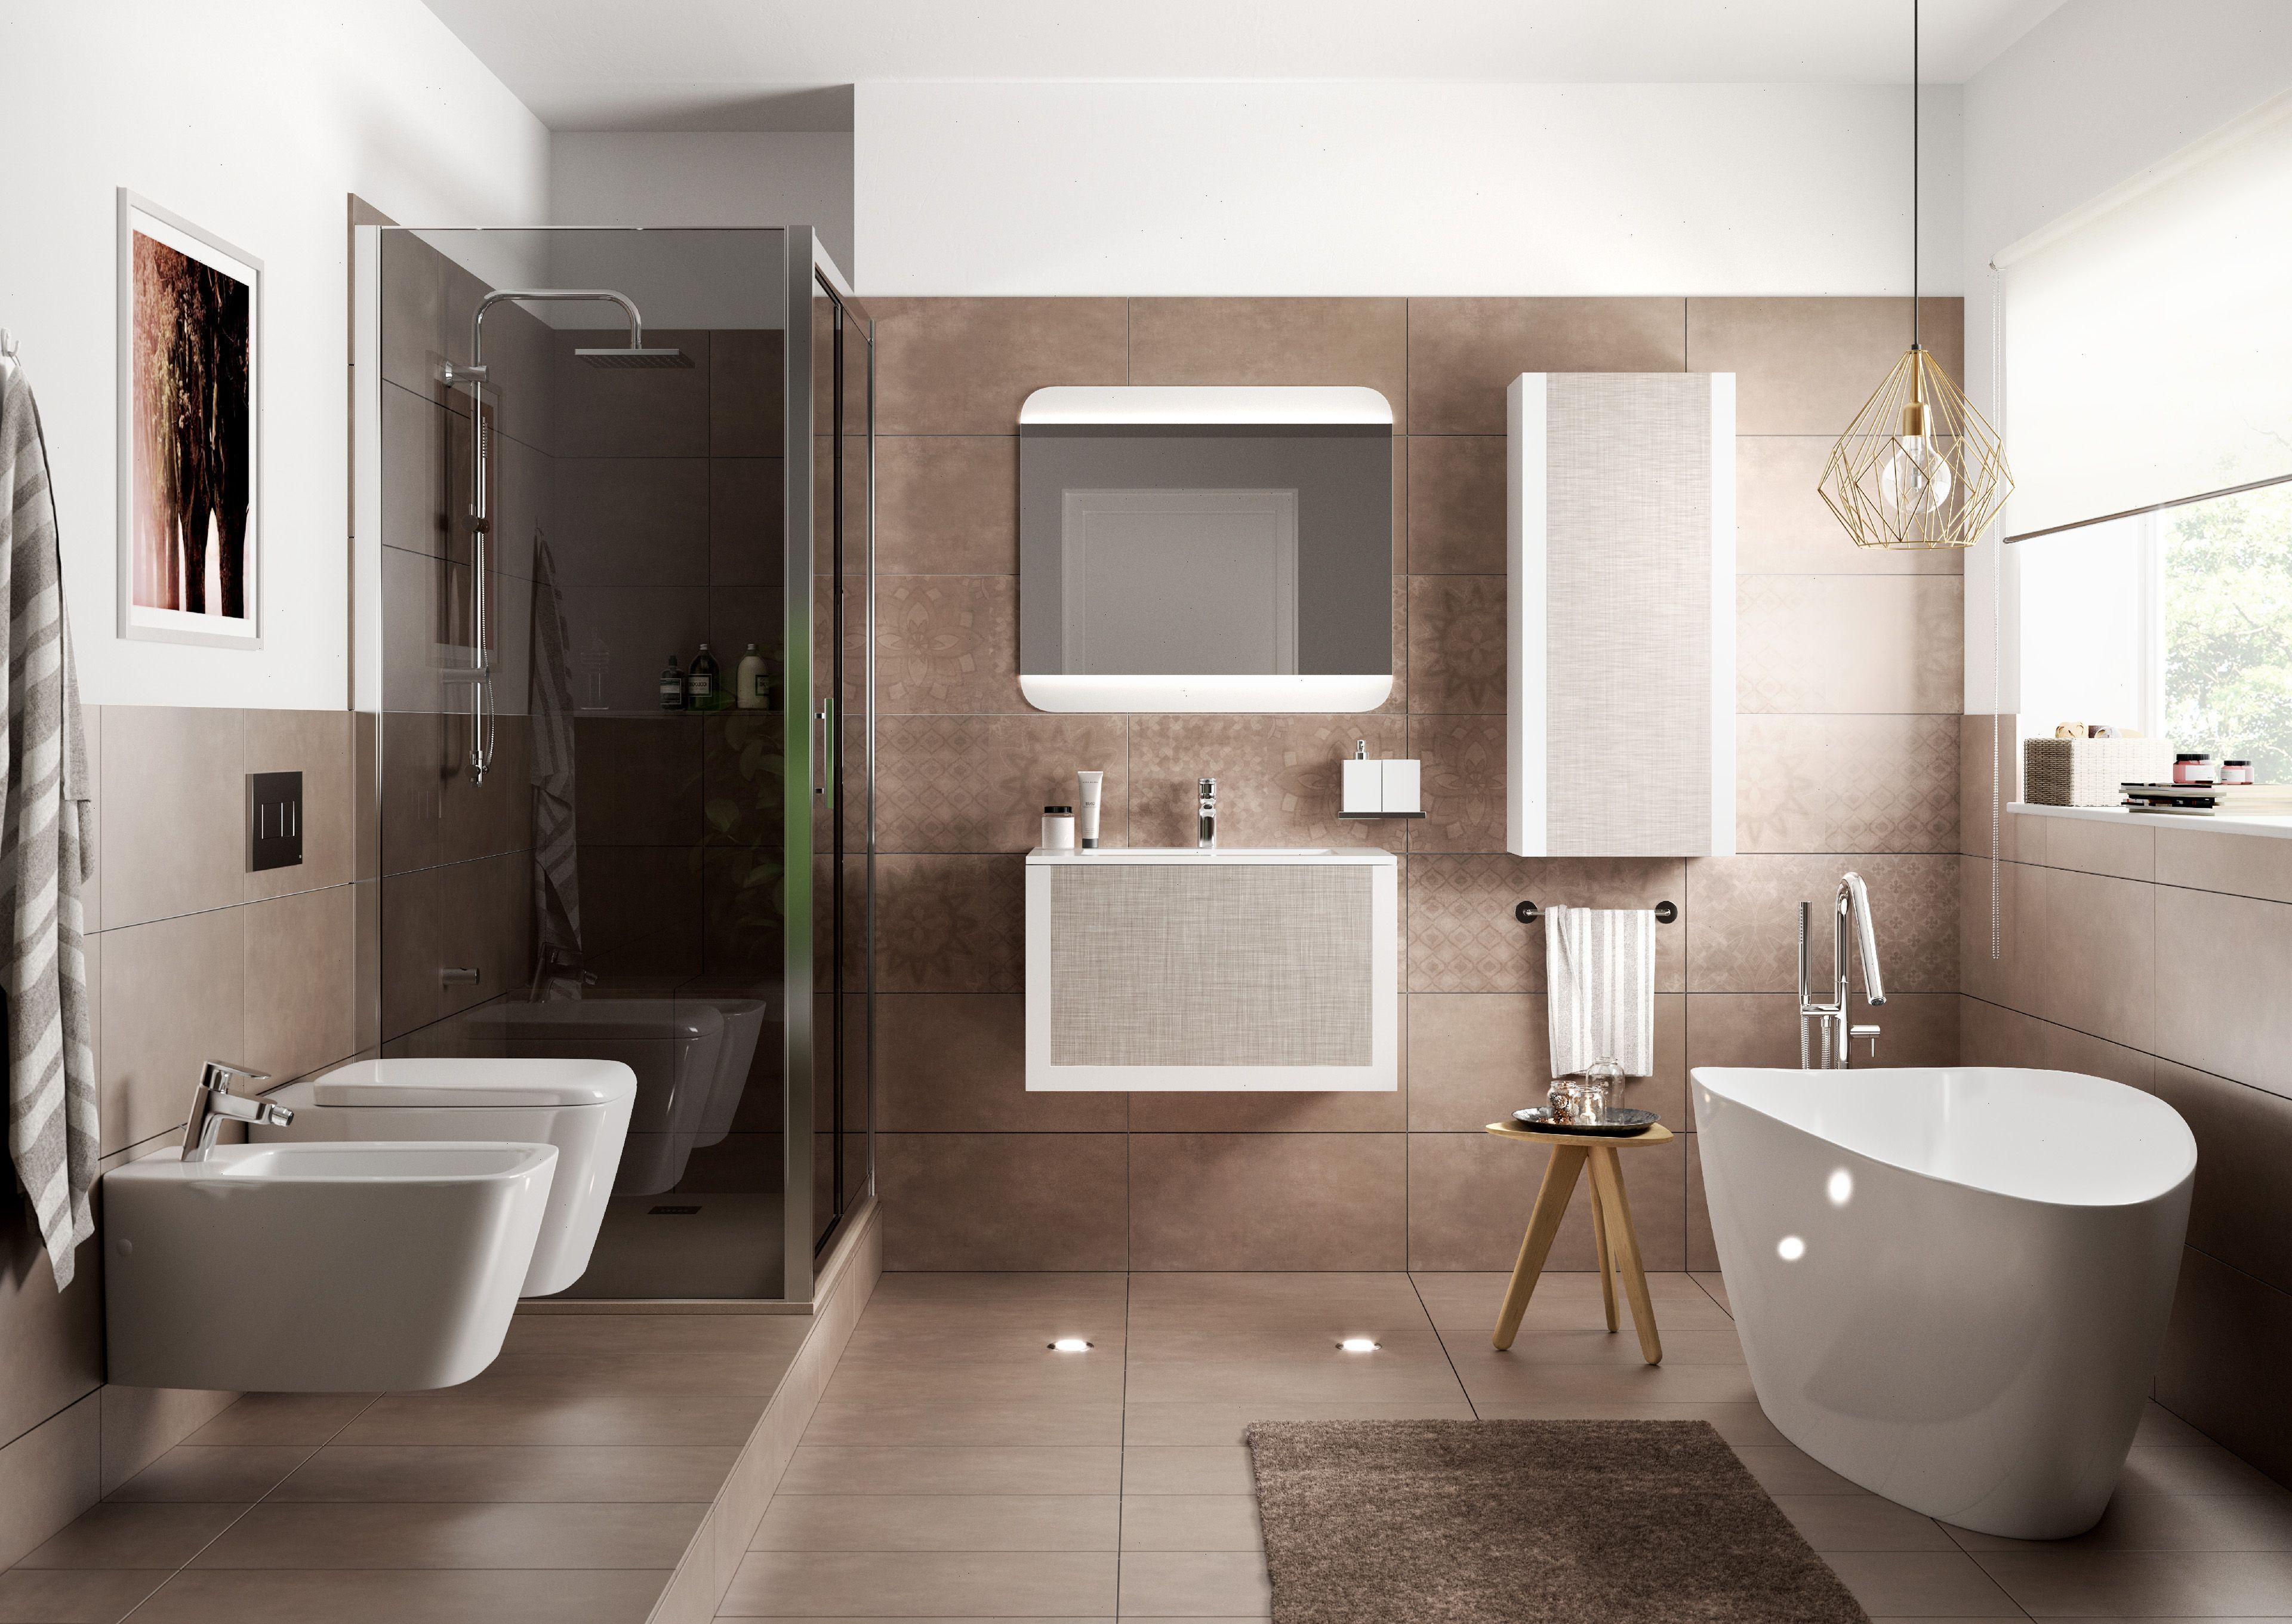 Bette badkamer met sfeer design en comfort droombadkamer van